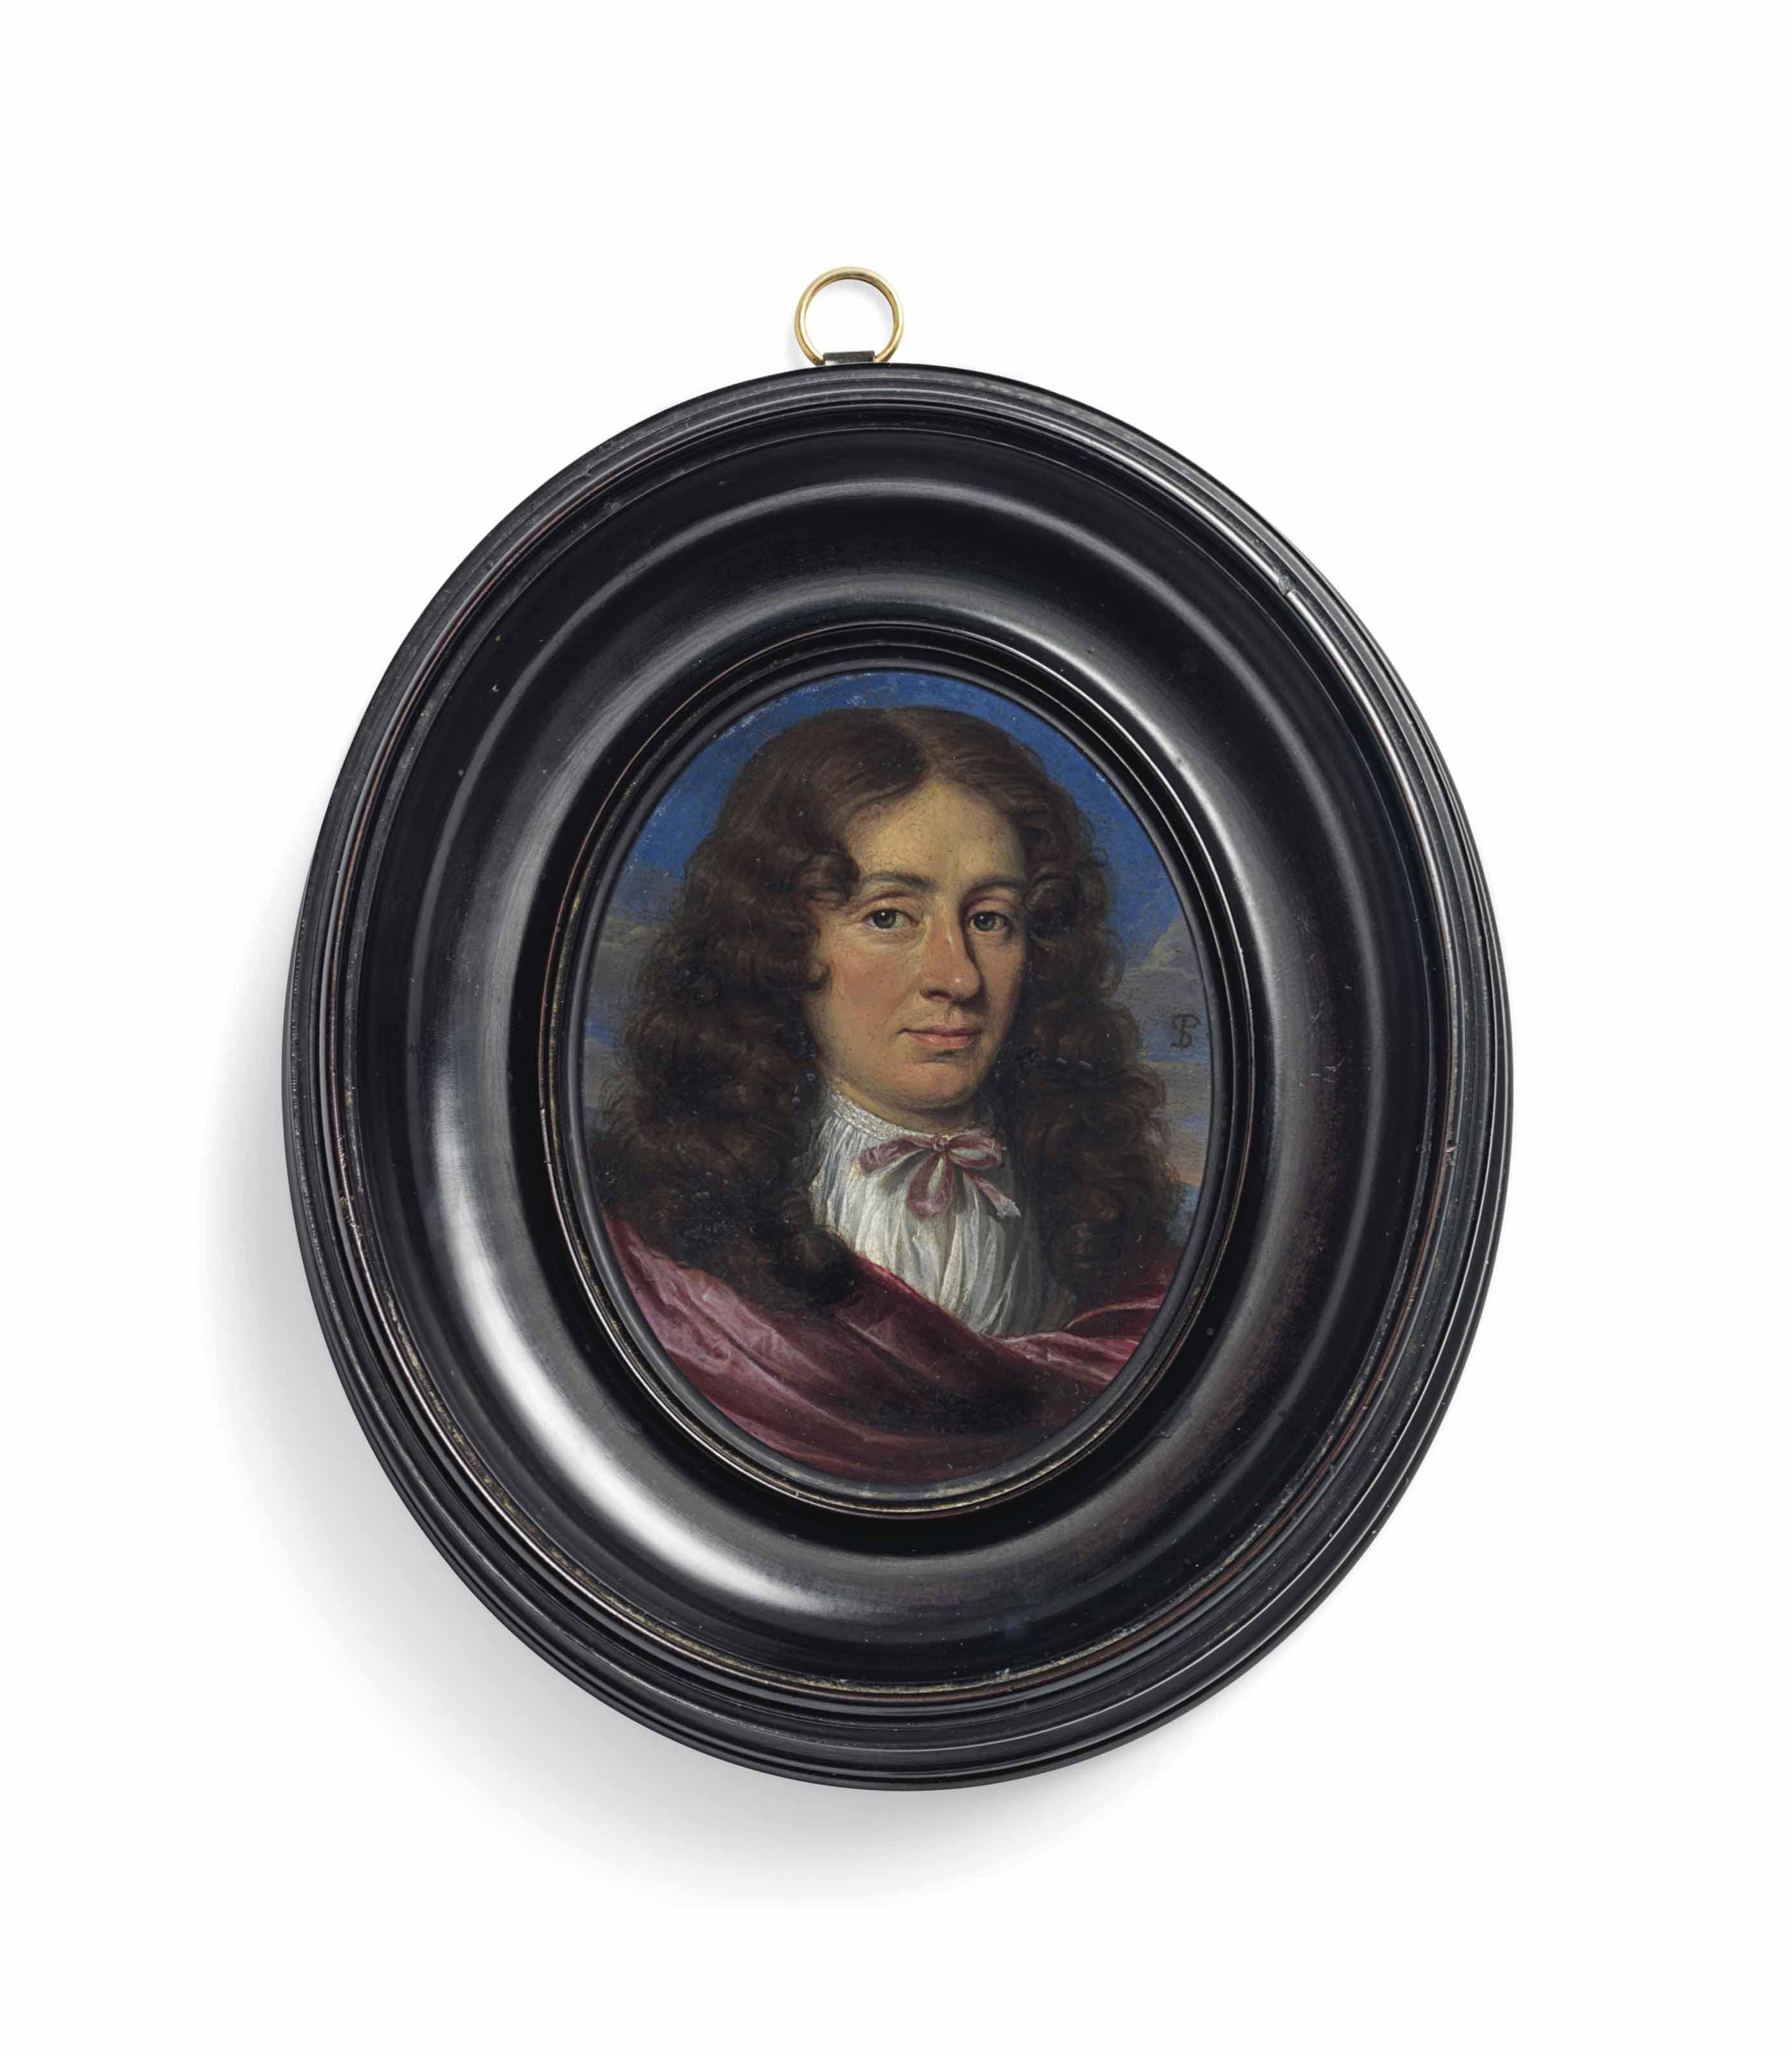 FRANCISZEK SMIADECKI (ANGLO-POLISH, FL. C. 1664)